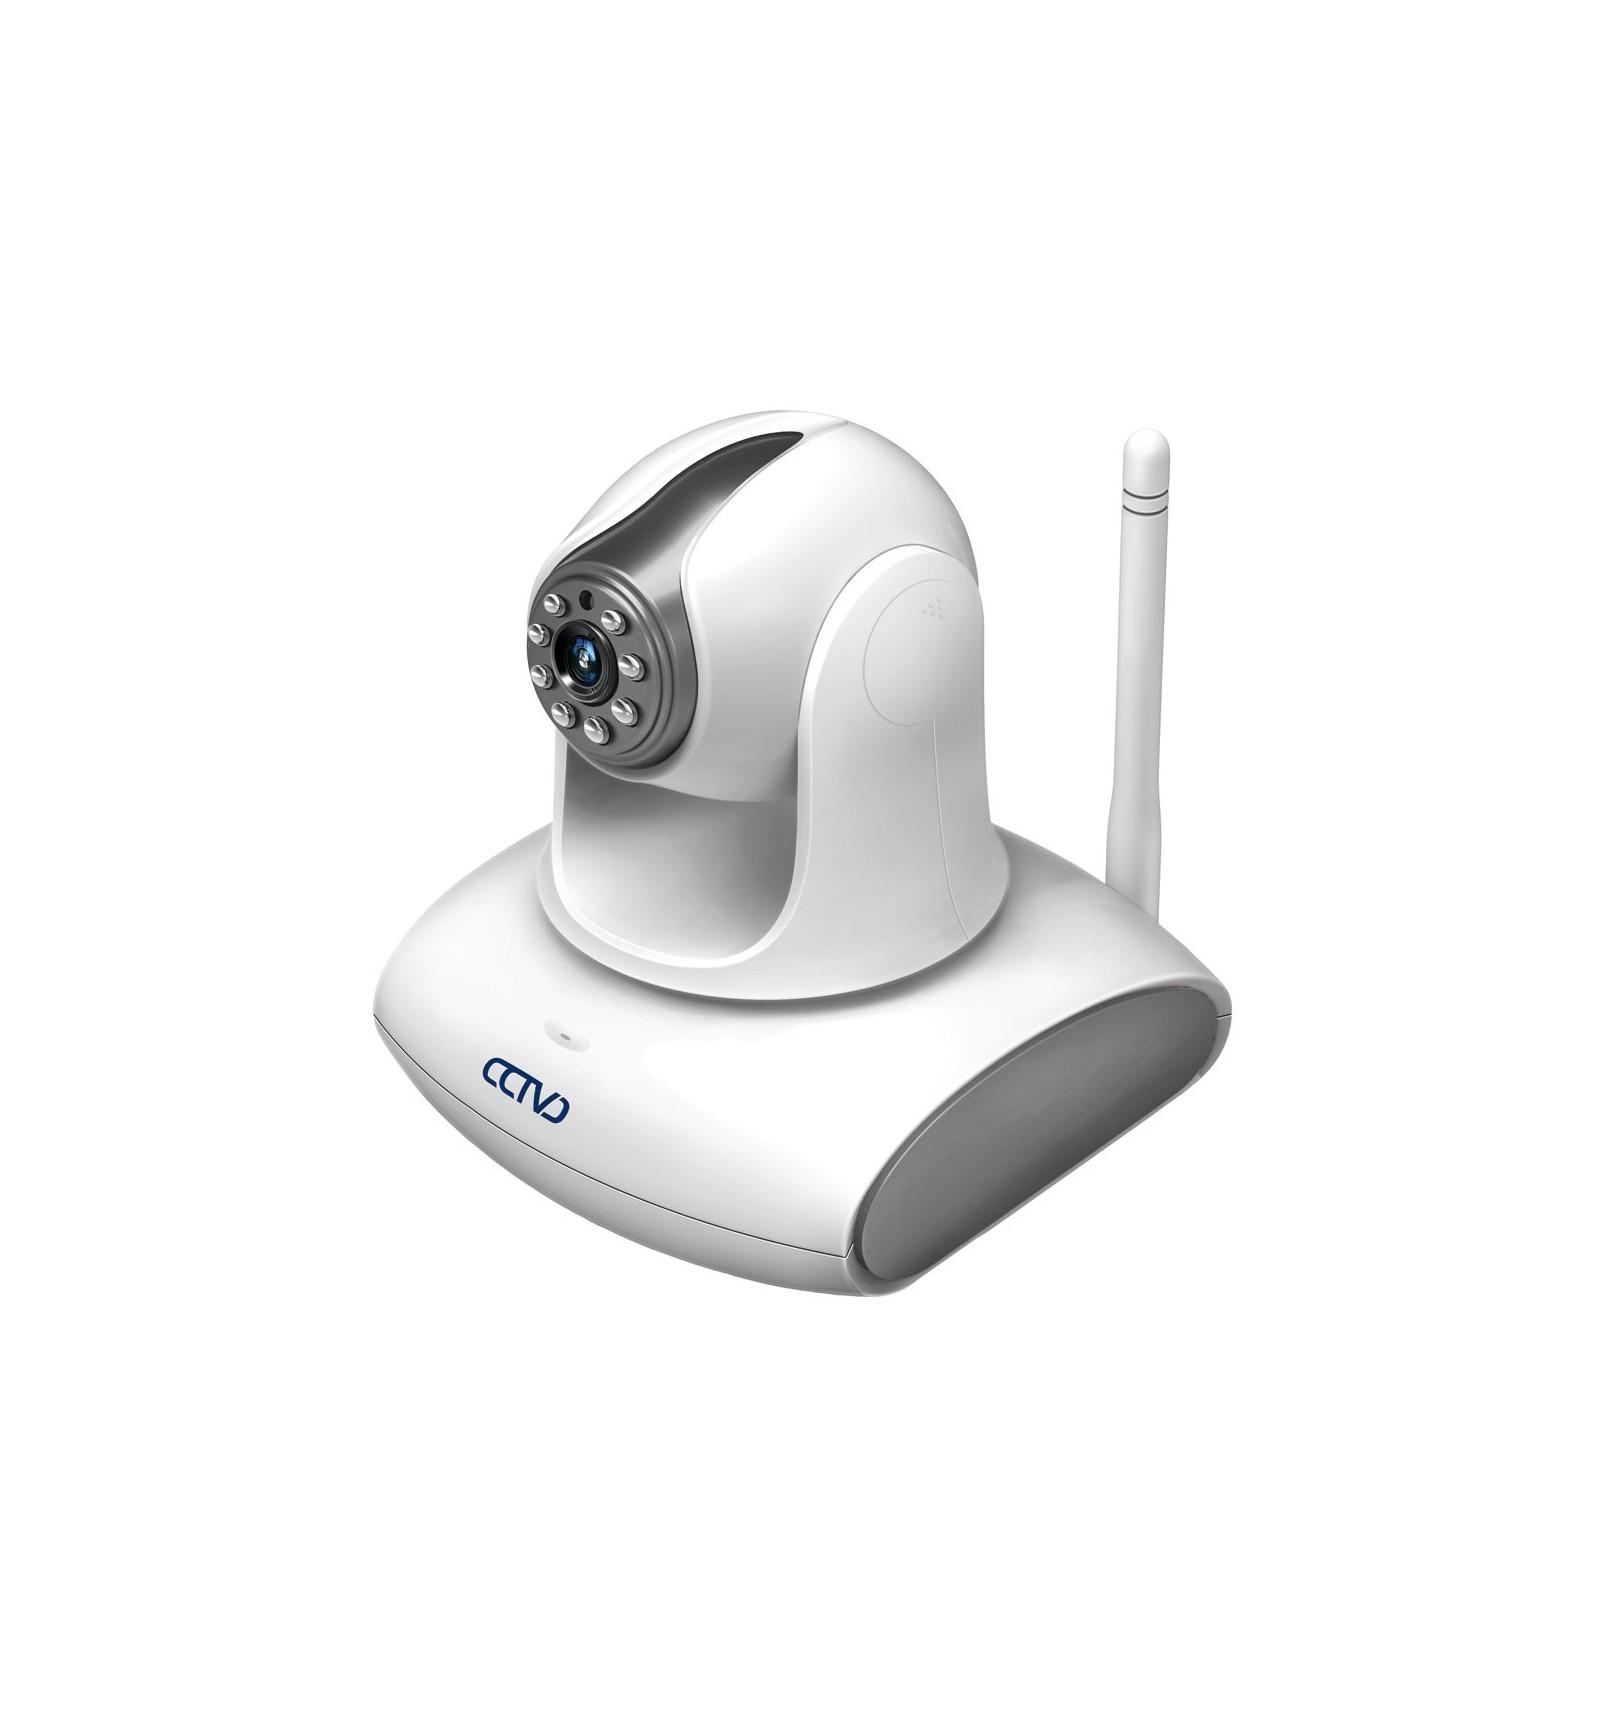 Camara de vigilancia ip con movimiento economica - Camaras de seguridad wifi ...